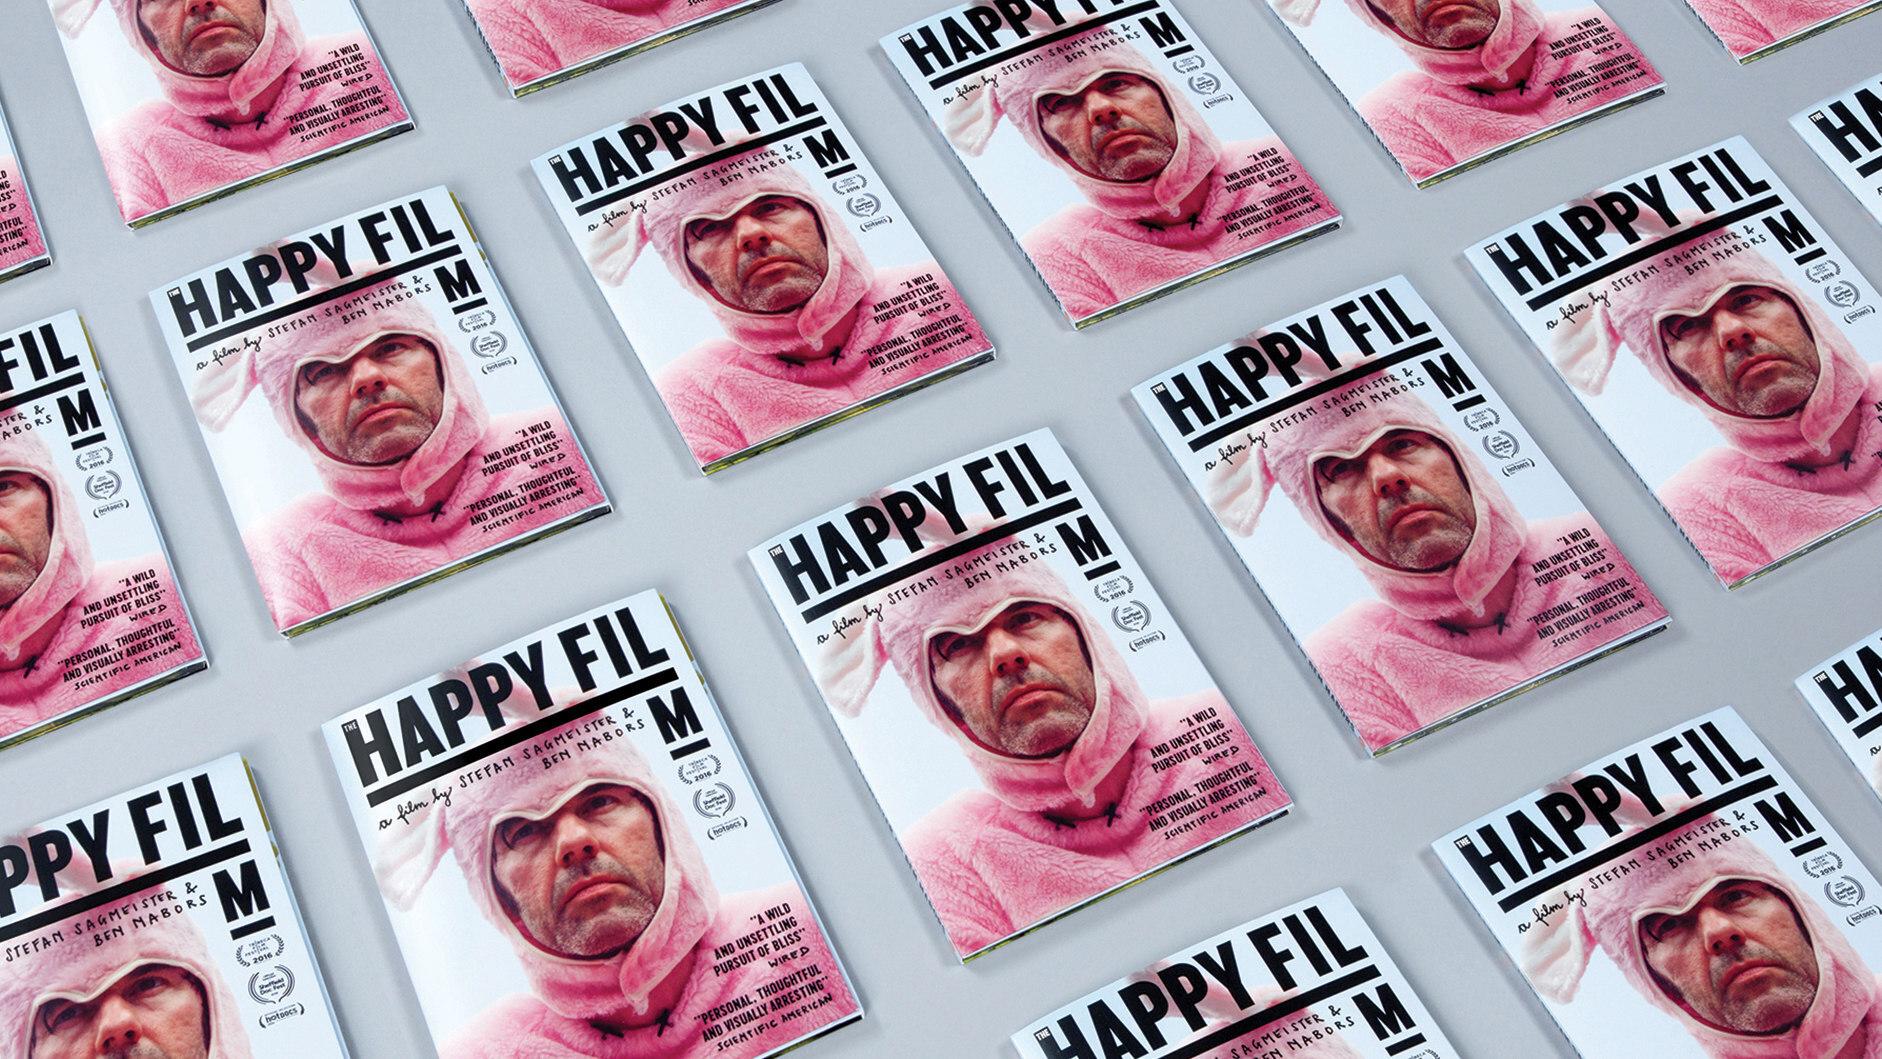 Happy Film Packaging – Sagmeister & Walsh